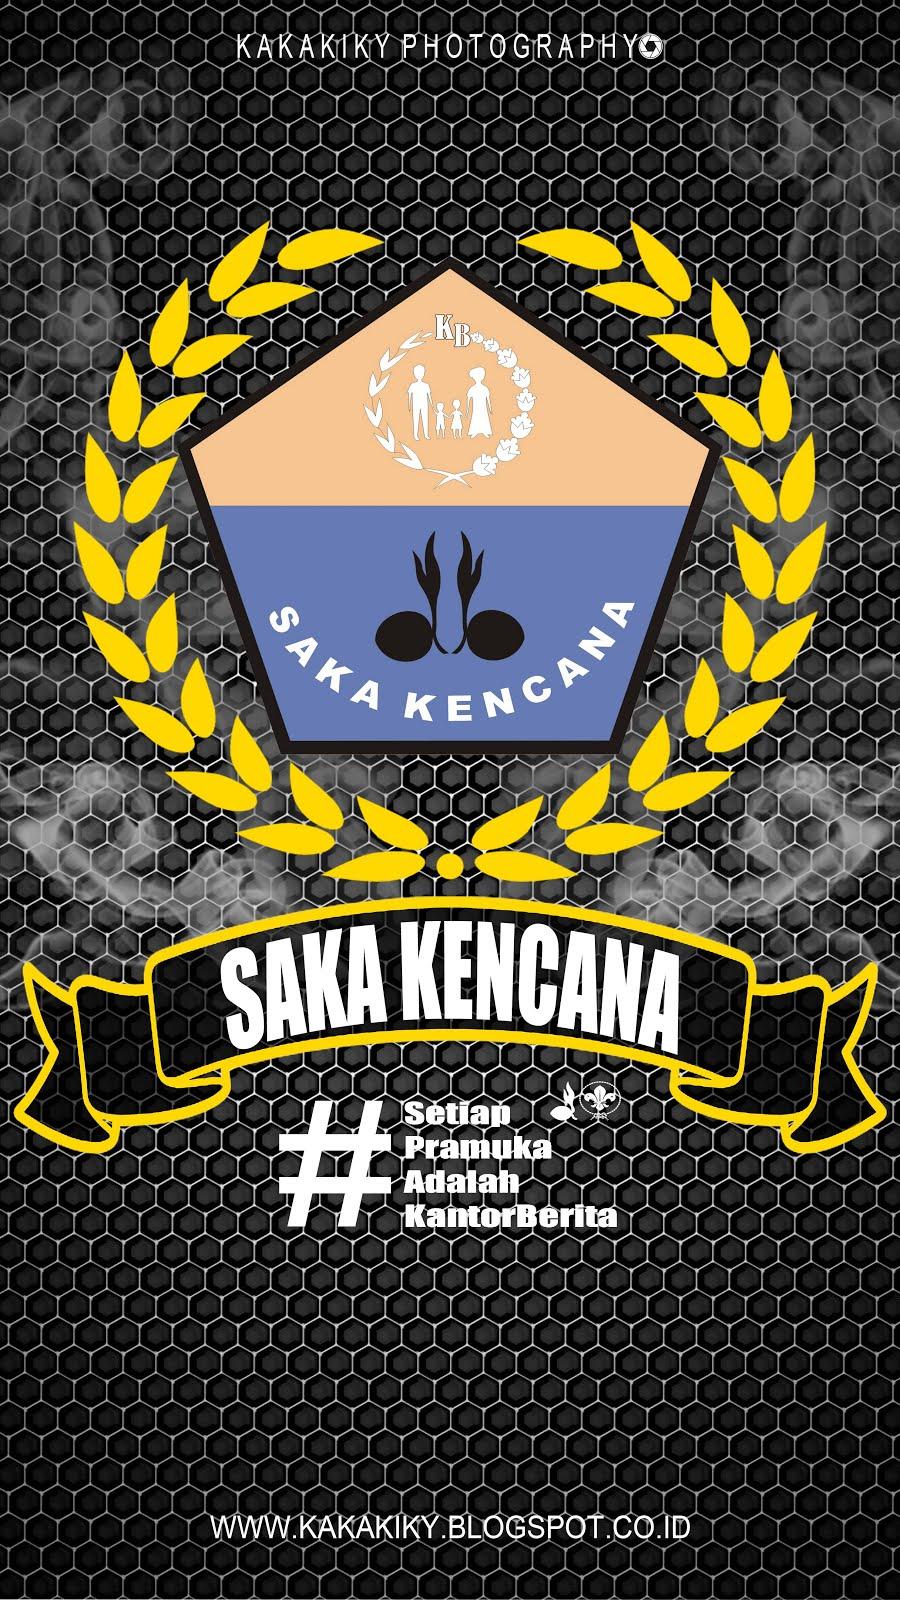 Download Wallpaper Saka Pramuka Satuan Karya Keren Kakakiky